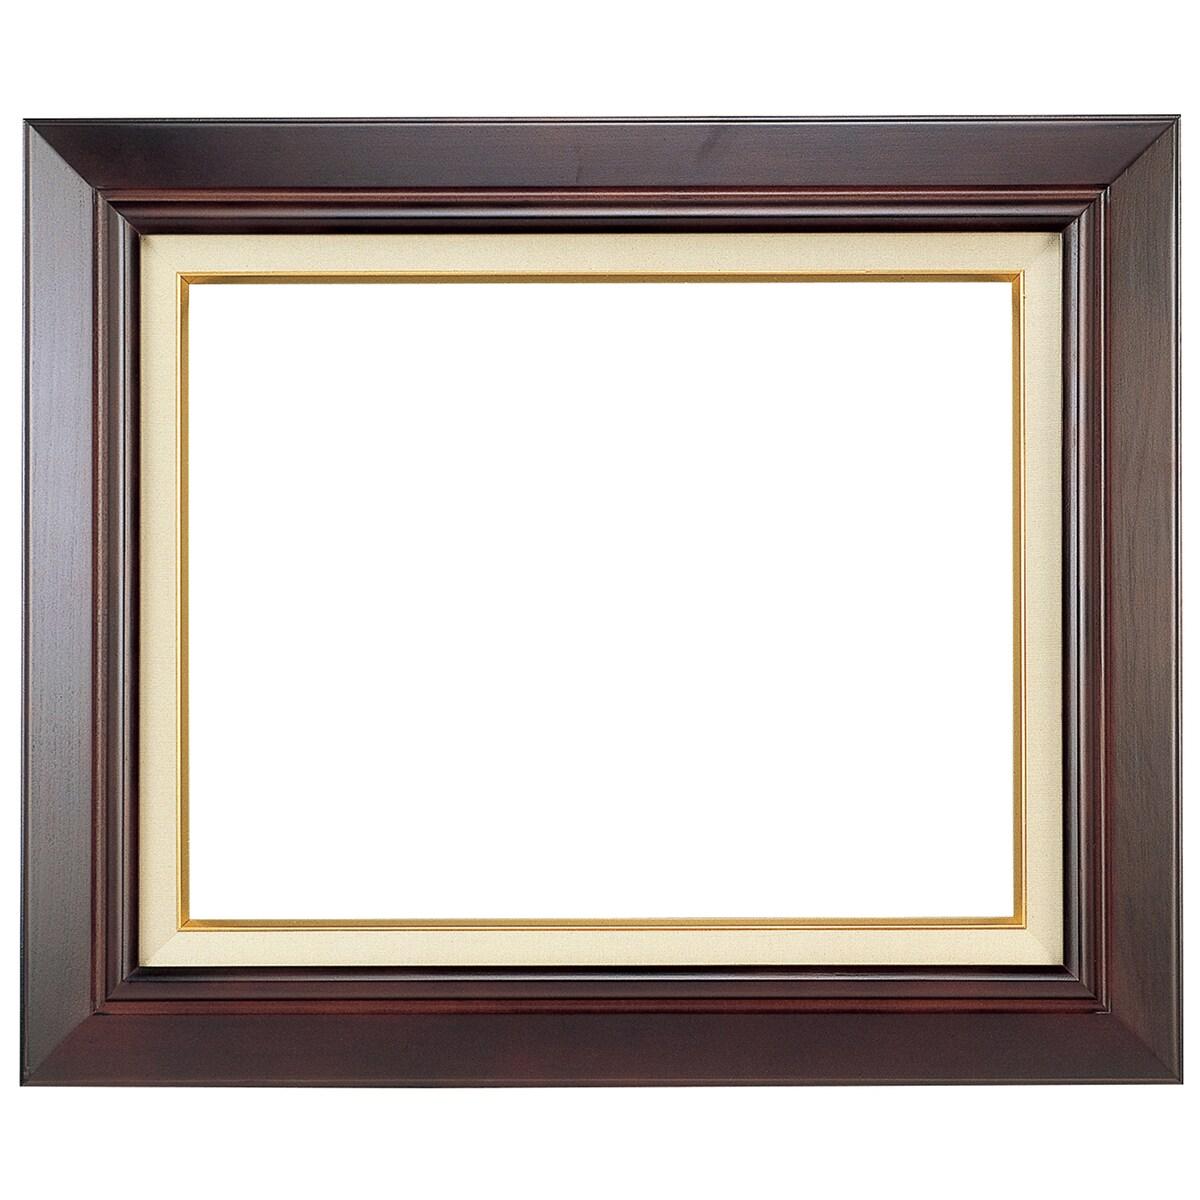 ラーソン・ジュール 油絵用額縁 A140 F10 セピア